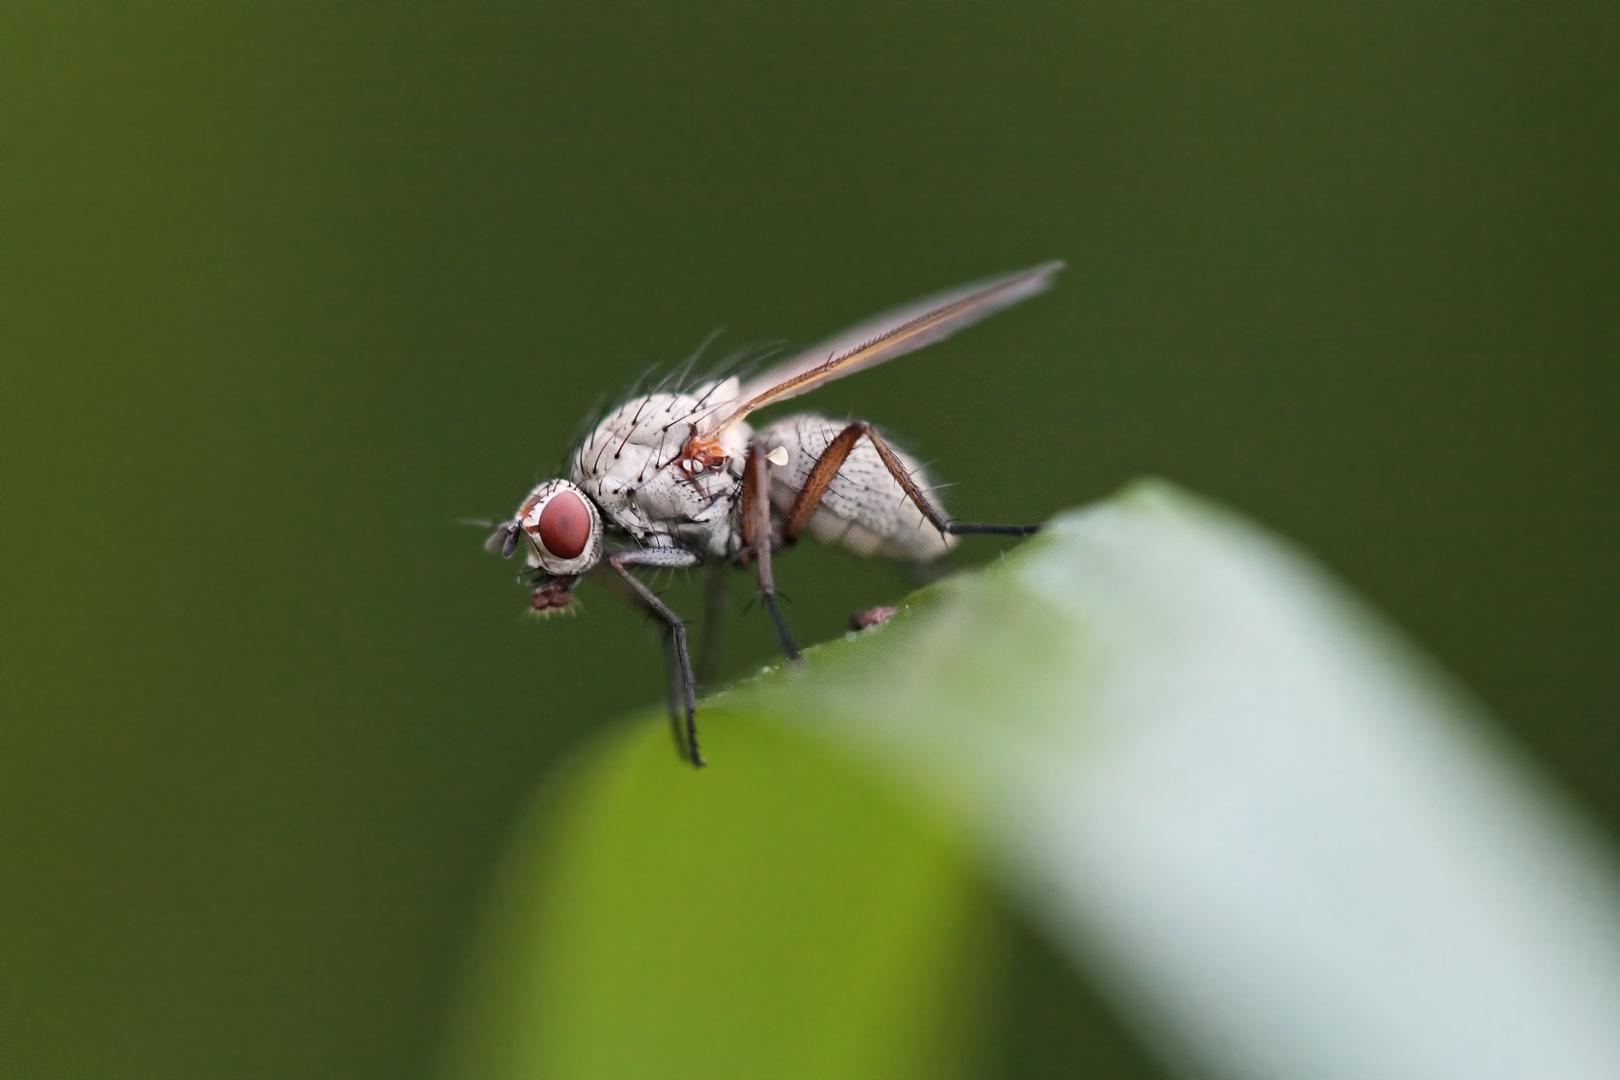 wei e fliege foto bild tiere wildlife insekten bilder auf fotocommunity. Black Bedroom Furniture Sets. Home Design Ideas